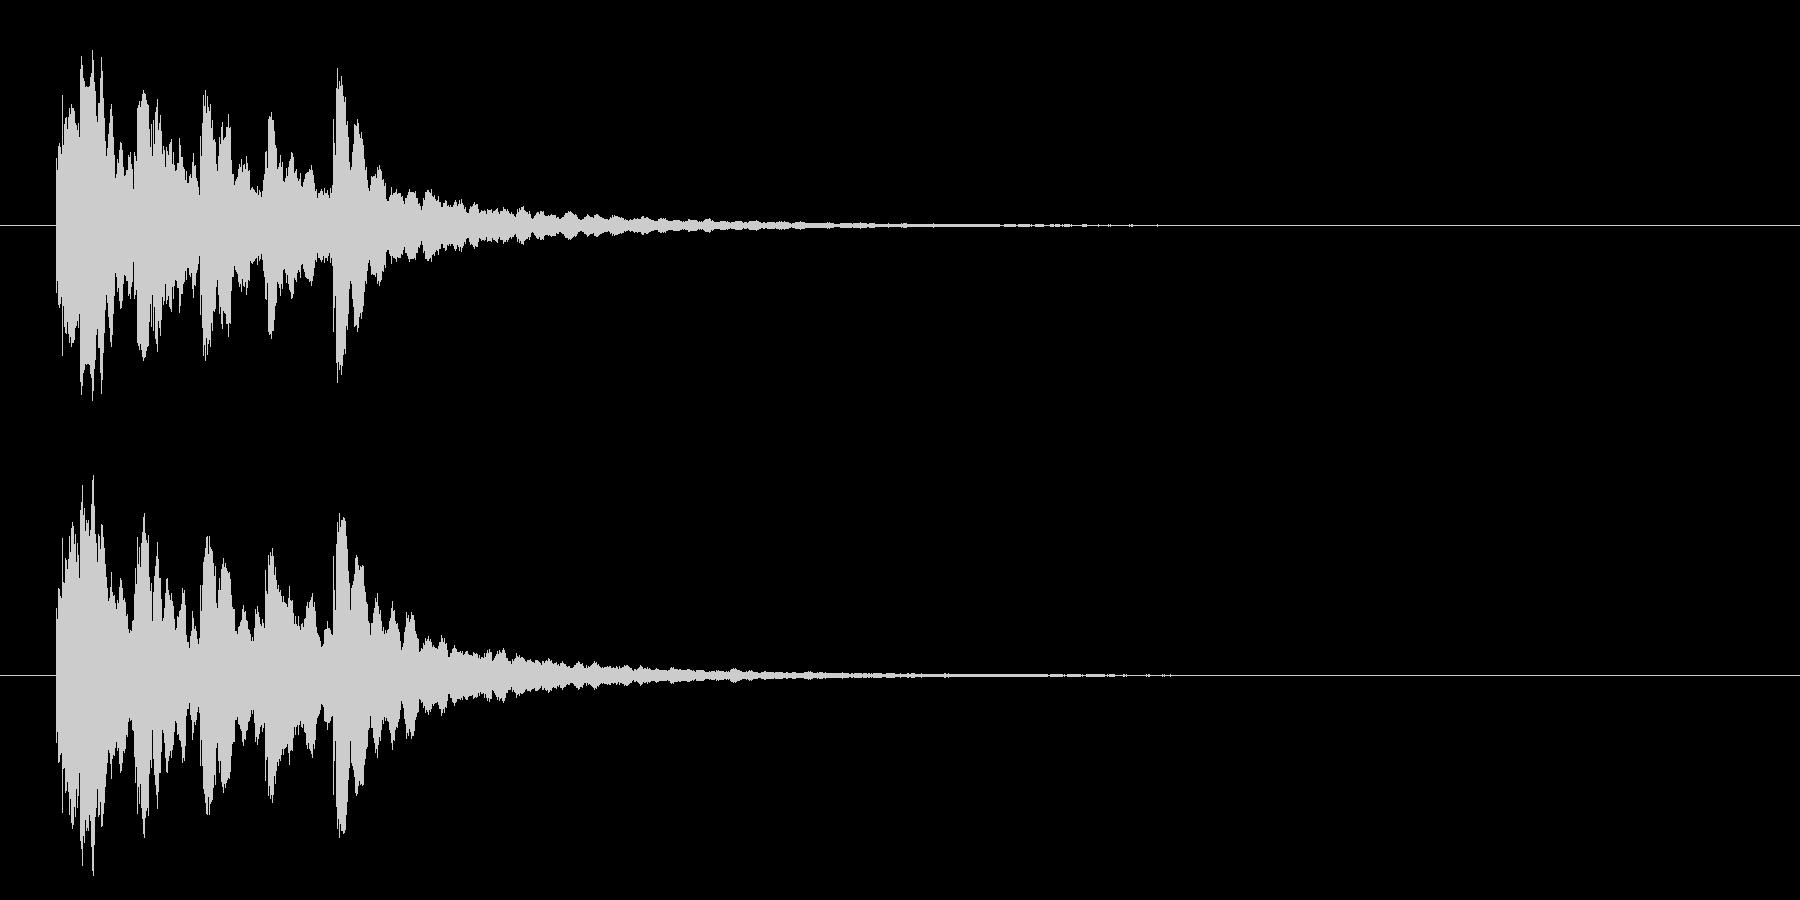 キラキラ系アイキャッチ1の未再生の波形